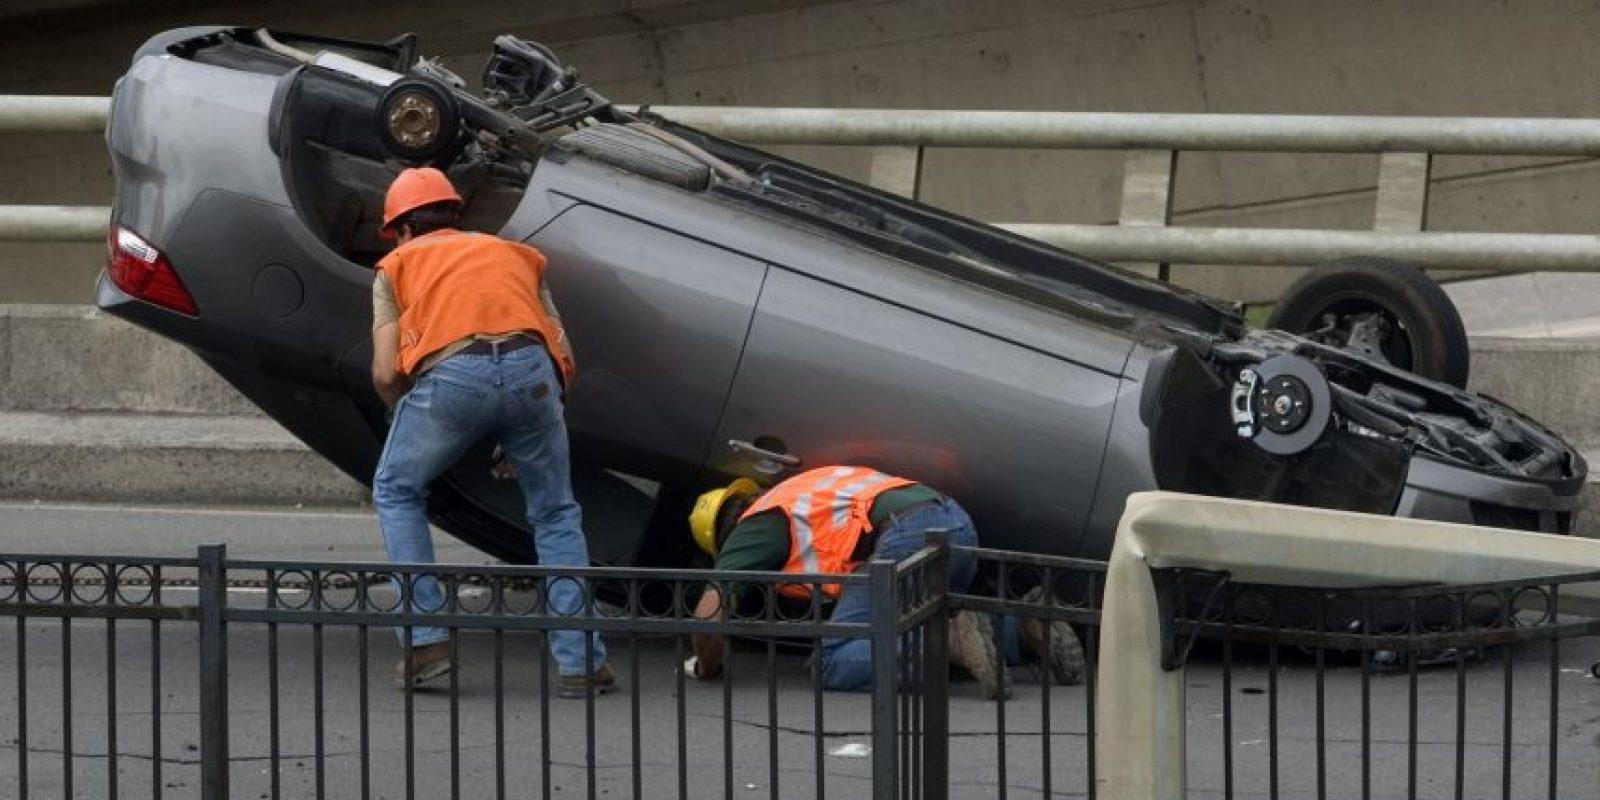 Vista de un auto que cayó sobre una carretera en Concepción, a 515 kilómetros al sur de Santiago (Chile), tras el terremoto de 8,8 grados en la escala de Richter que sacudió el sábado el centro y sur de Chile. Foto:Archivo EFE/Claudio Reyes